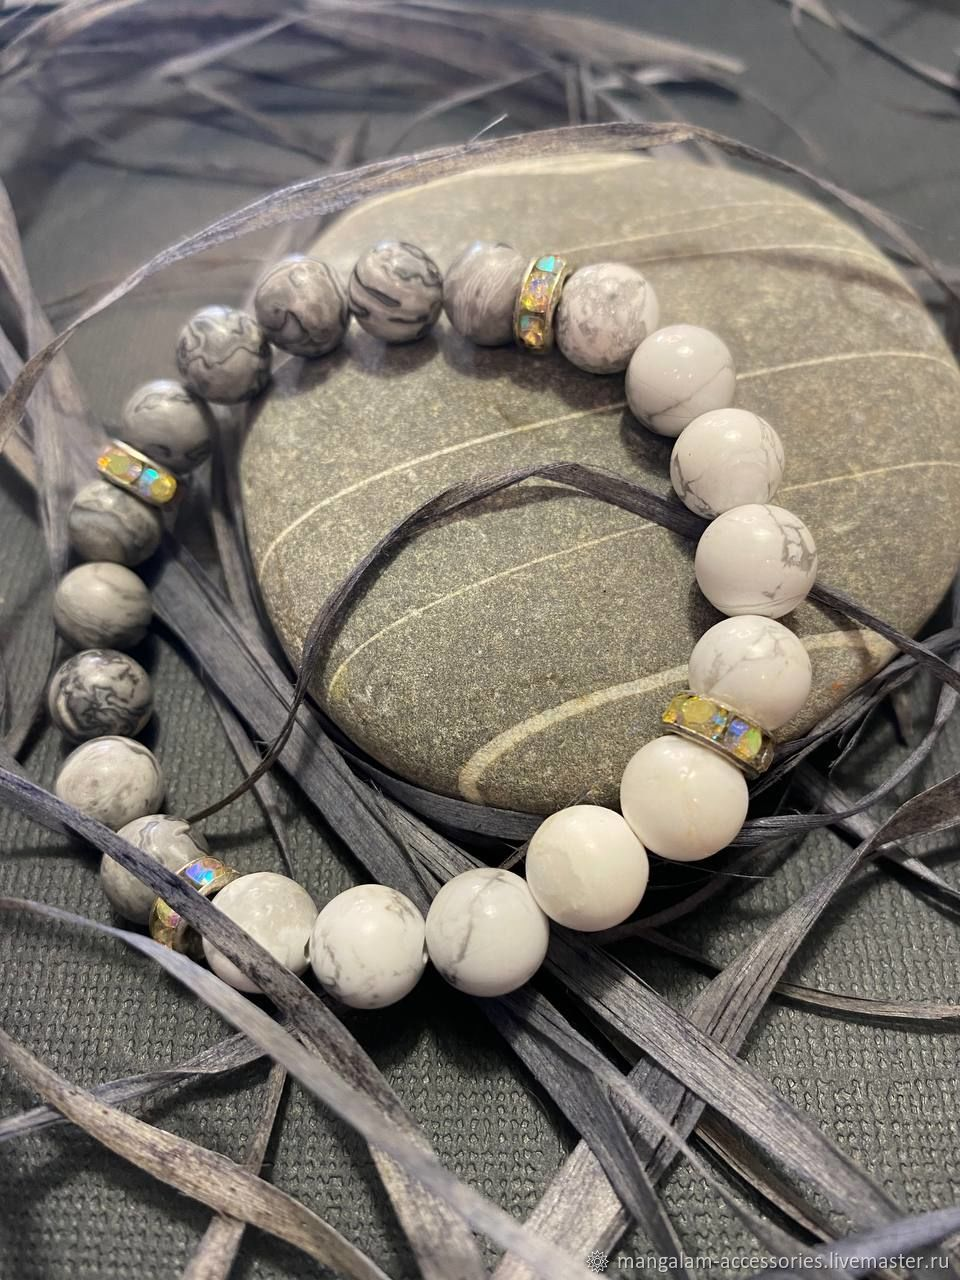 Браслет из натуральных камней | Кахалонг и Агат, Браслет из бусин, Великий Новгород,  Фото №1